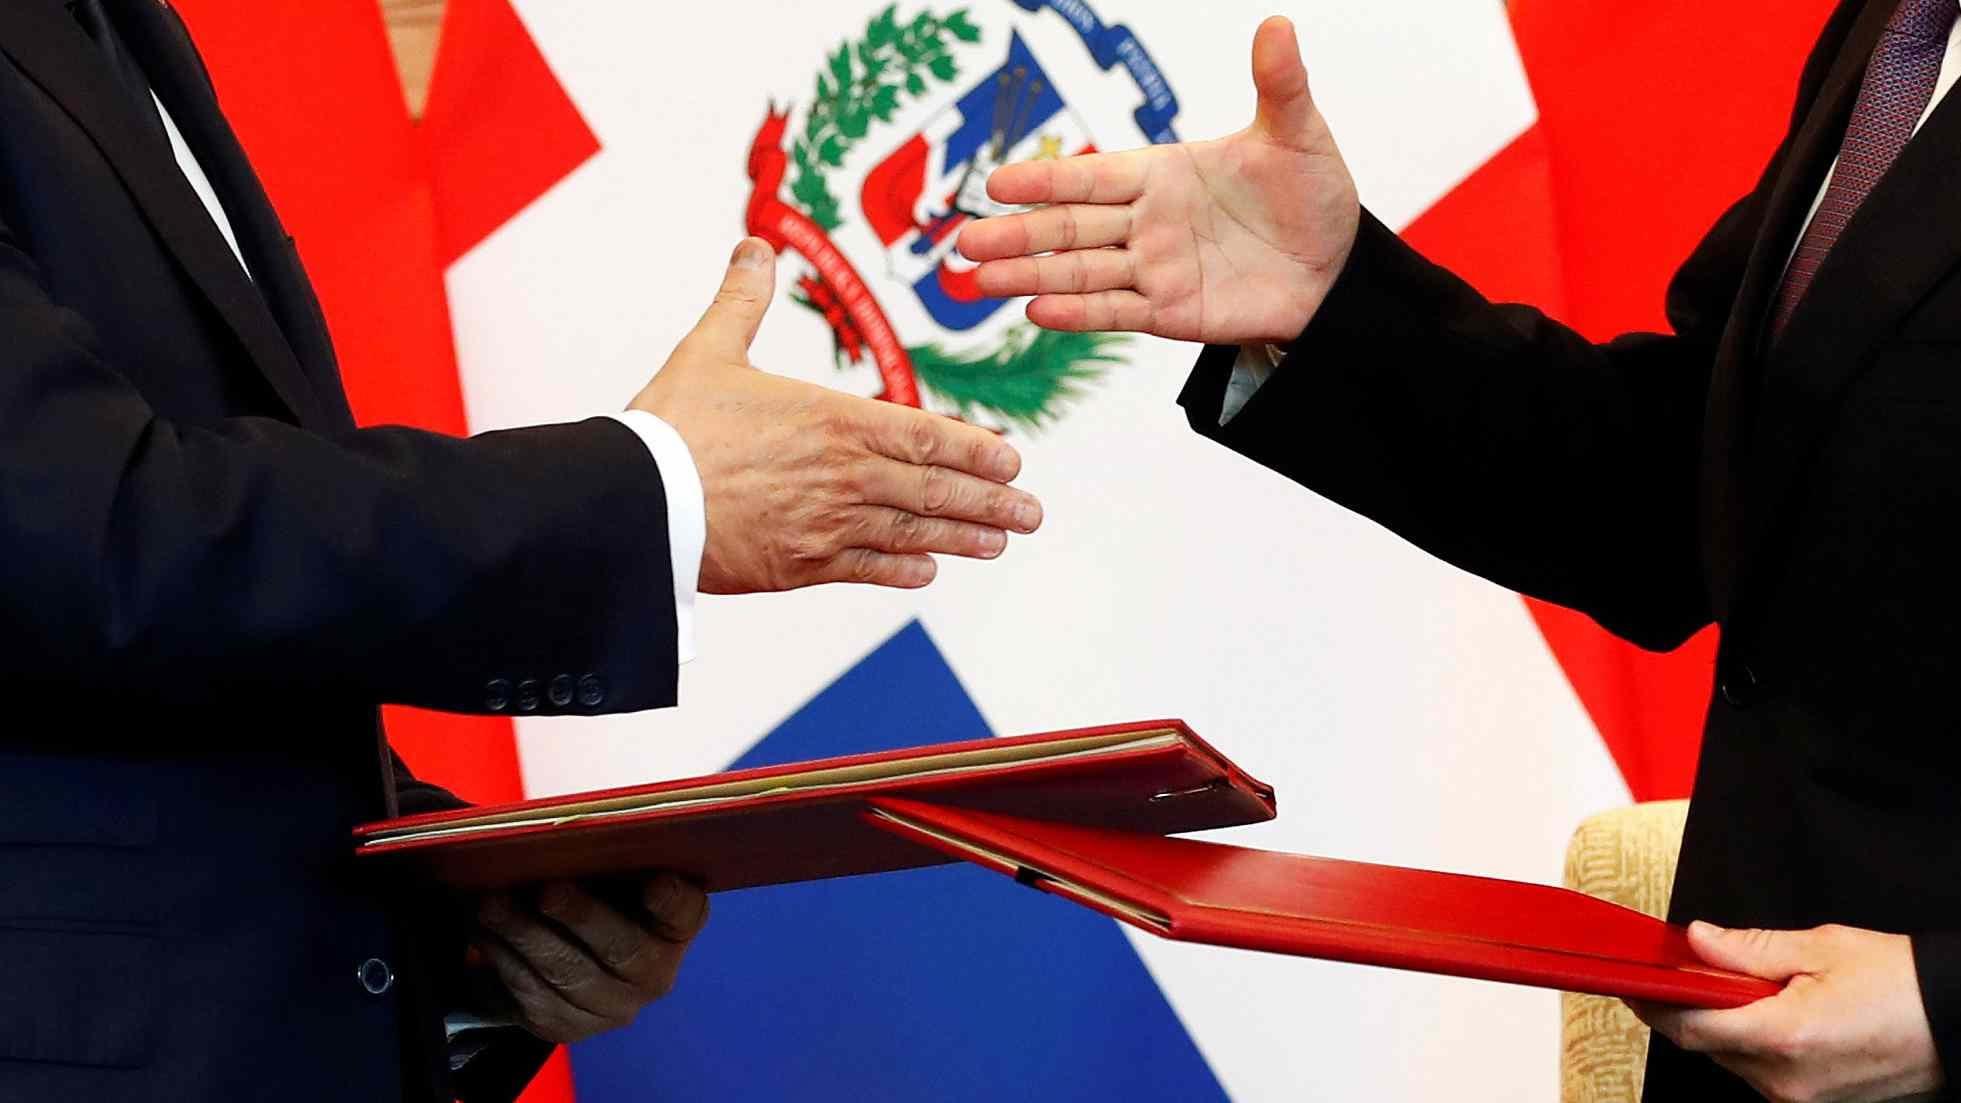 Resultado de imagen para CHINA AND DOMINICAN REPUBLIC